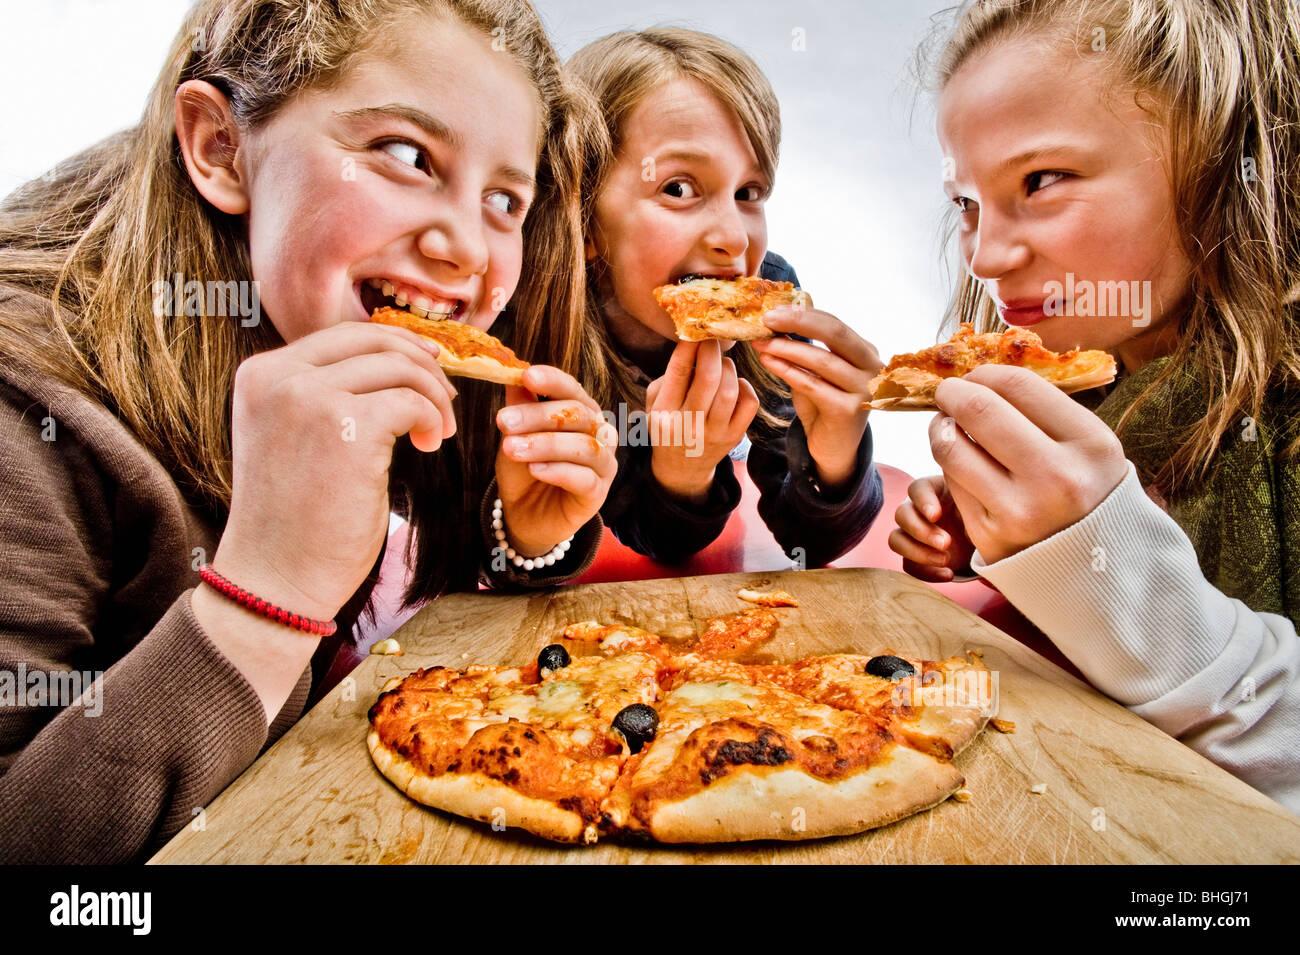 3 adolescenti mangiare la pizza Foto Stock